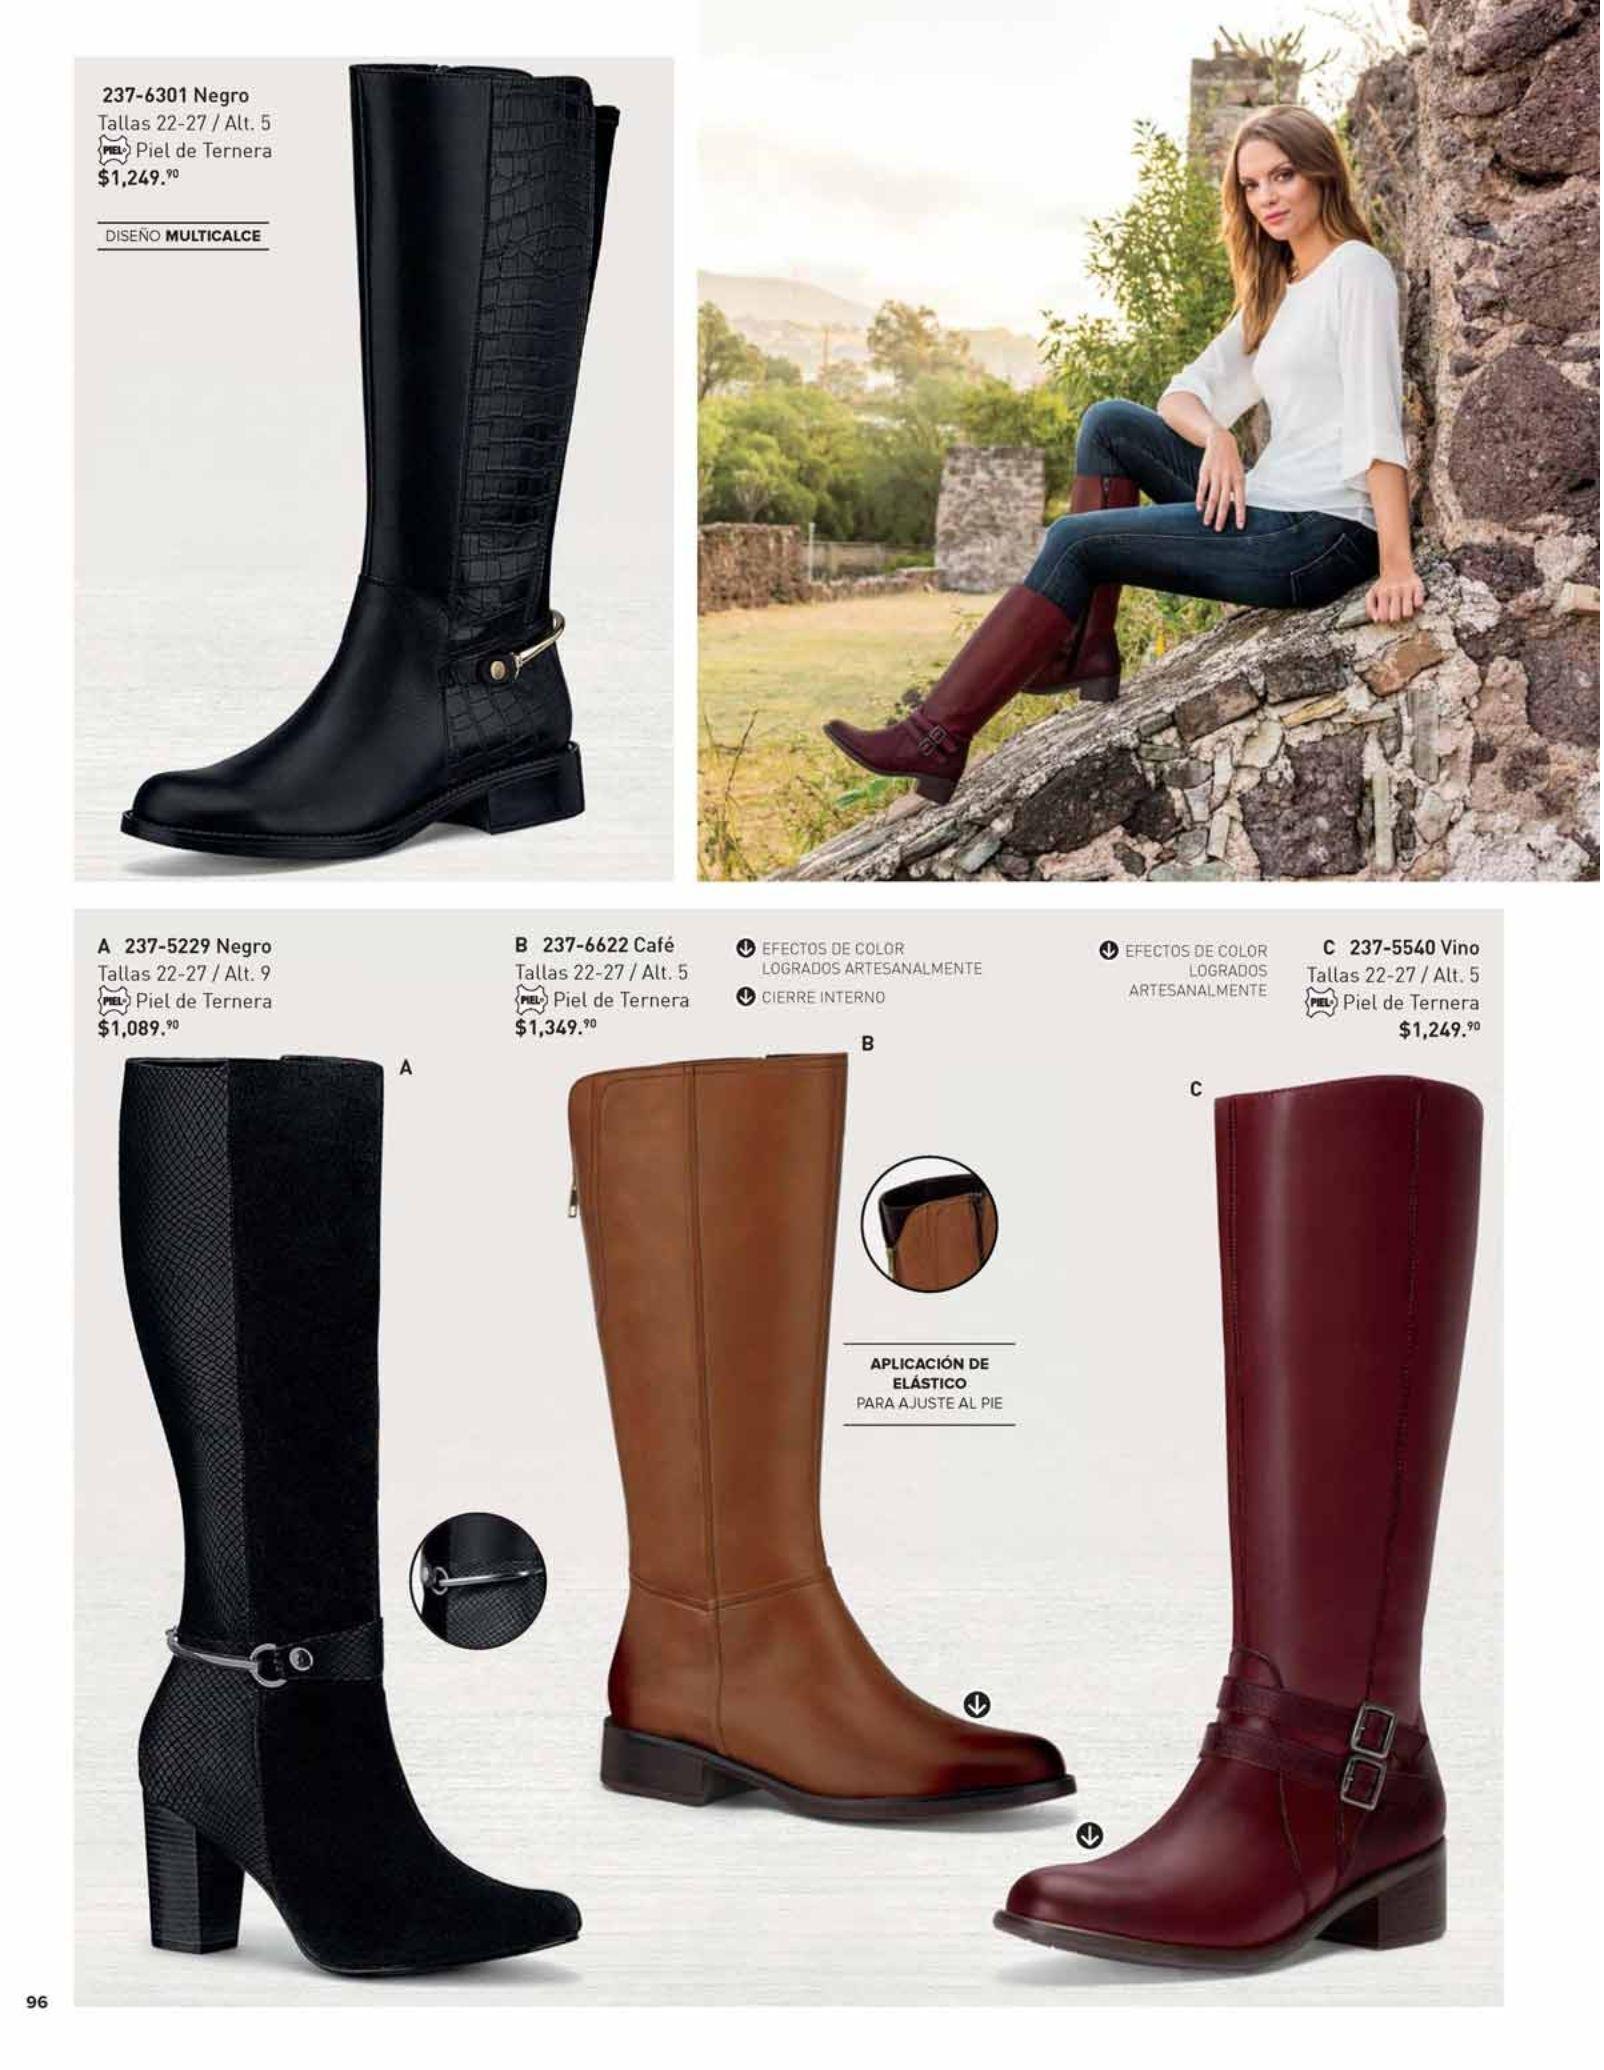 Andrea  Catalogo de Zapatos para Dama Verano 2017 Mexico  639ce6a1f8b63